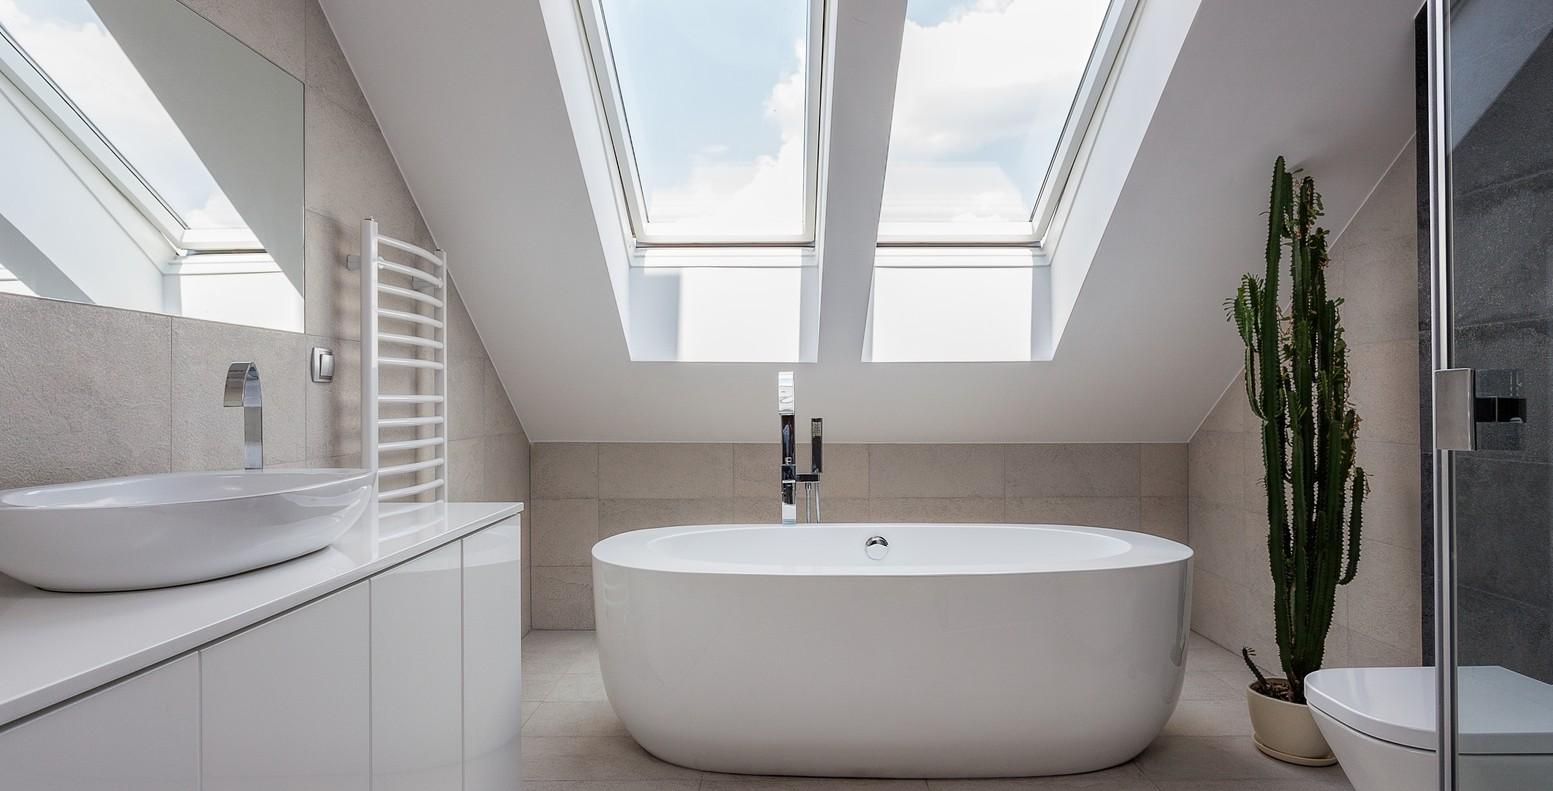 Optimiza el espacio de tu baño moderno - Complementos para cocinas ...